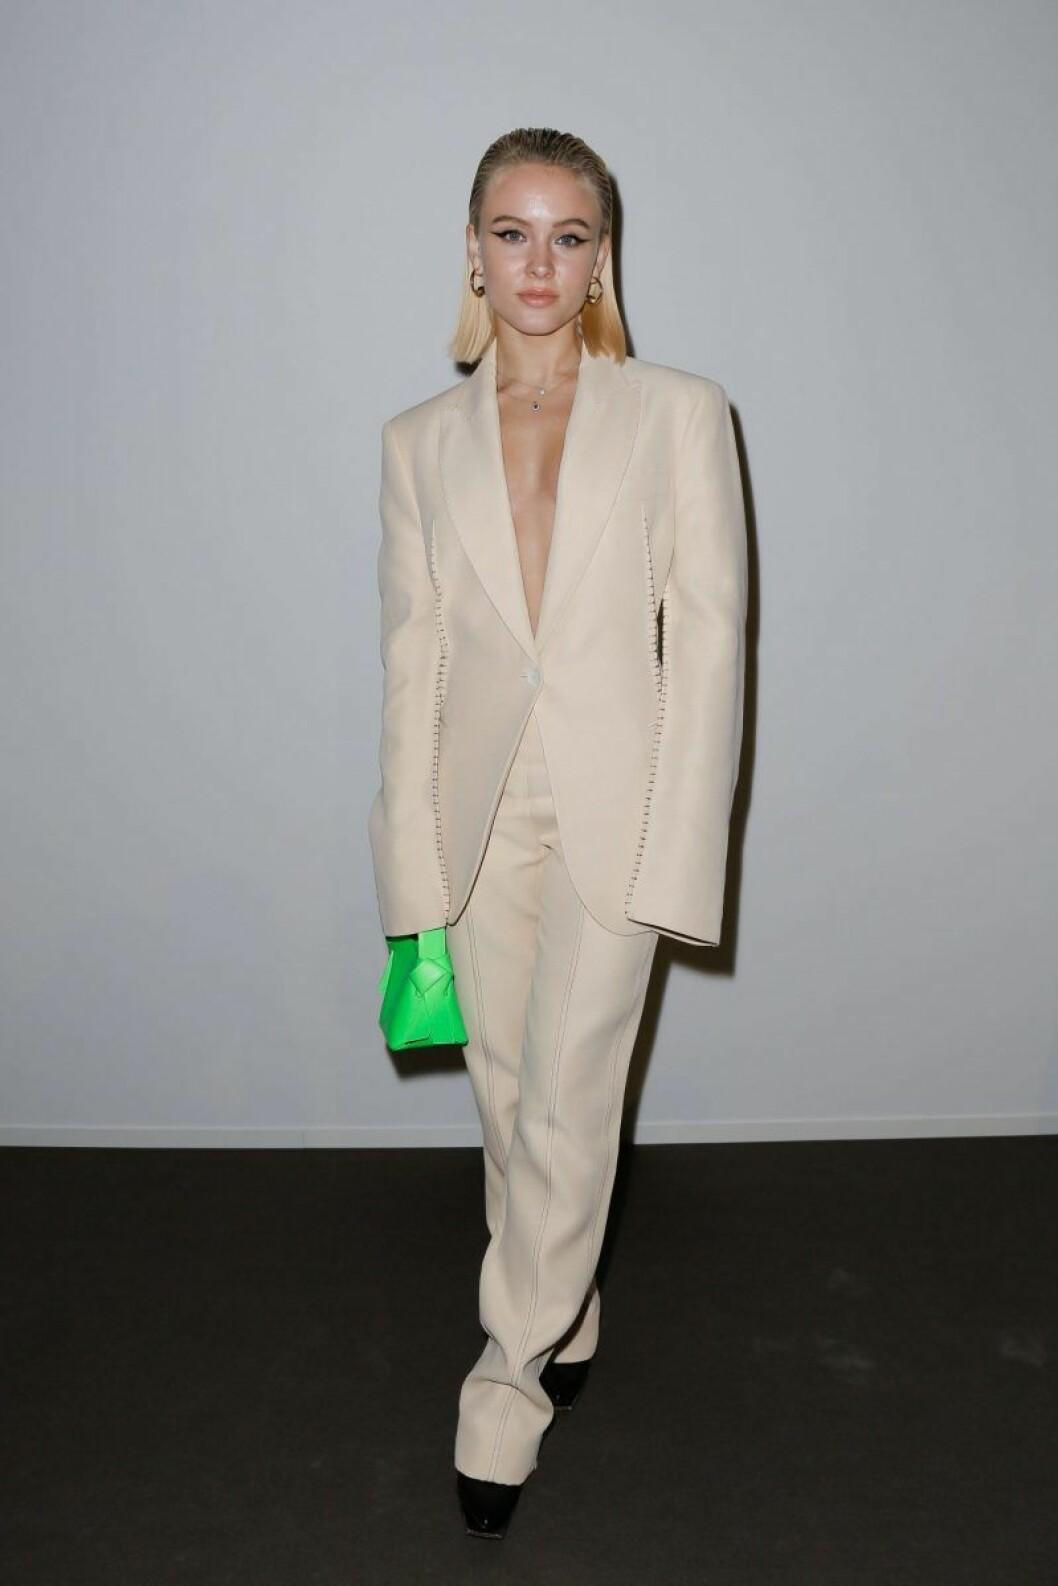 Zara Larsson i ljus kostym